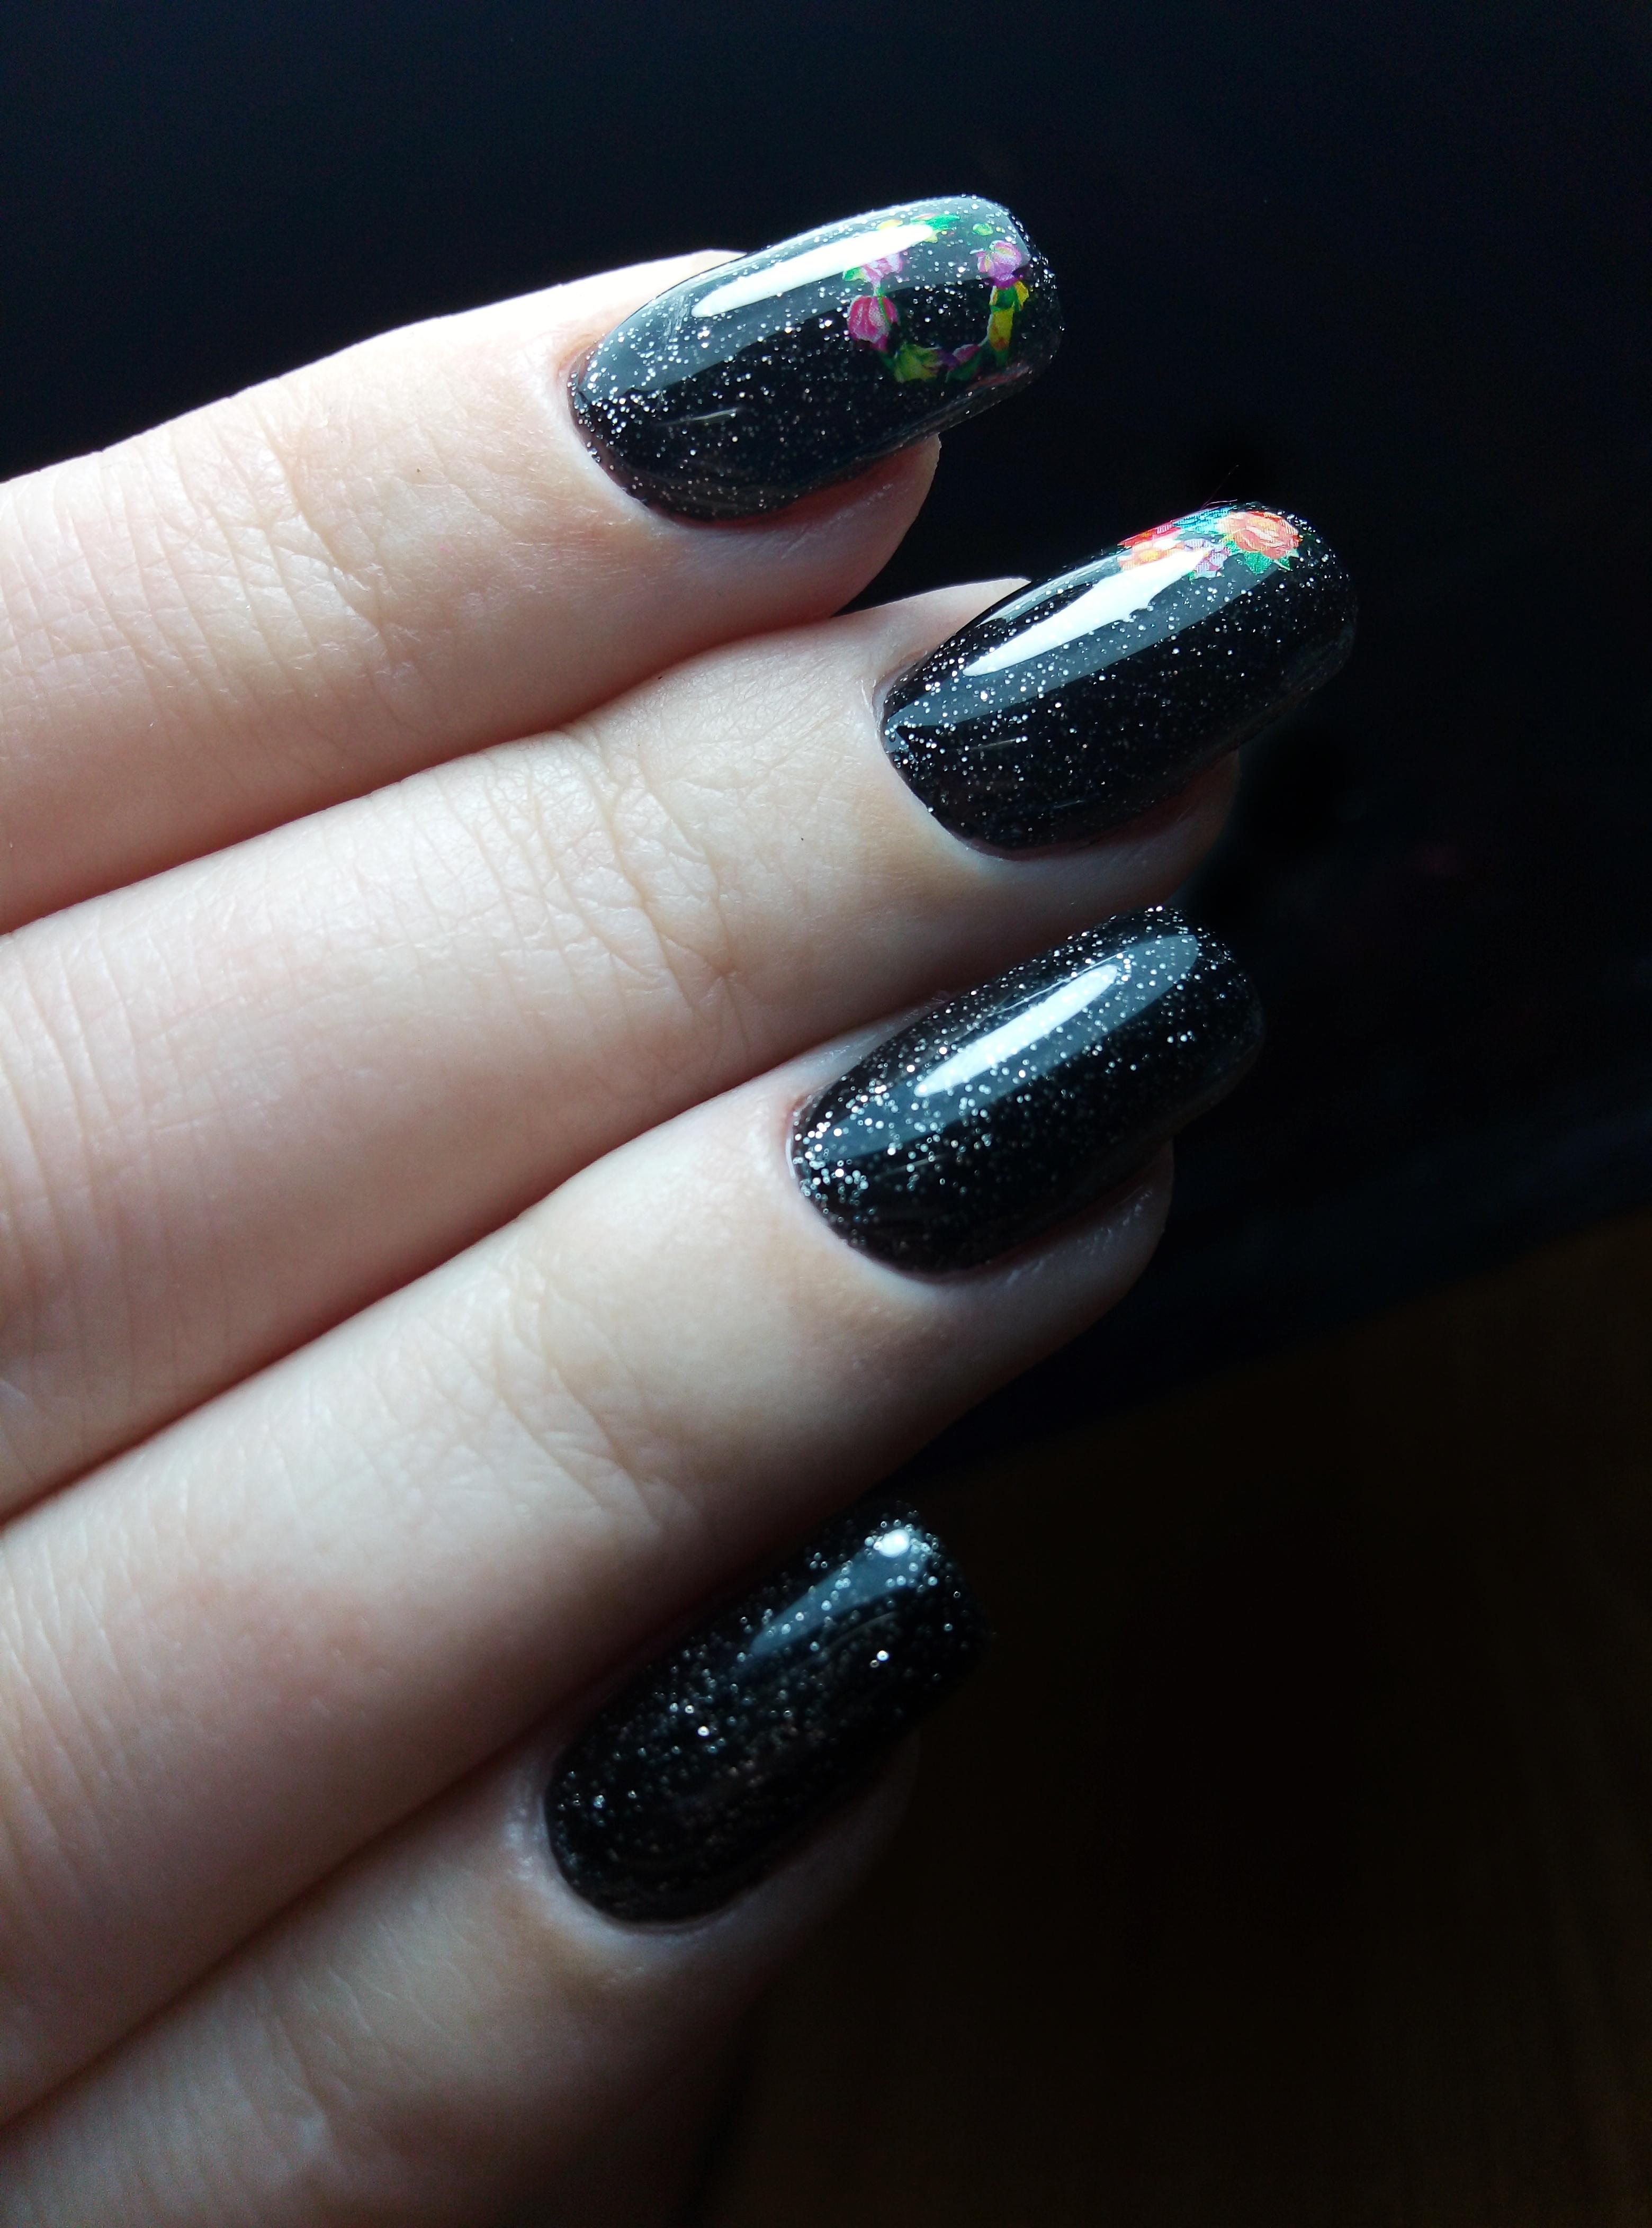 Маникюр в чёрном цвете с цветочными слайдерами и блёстками.